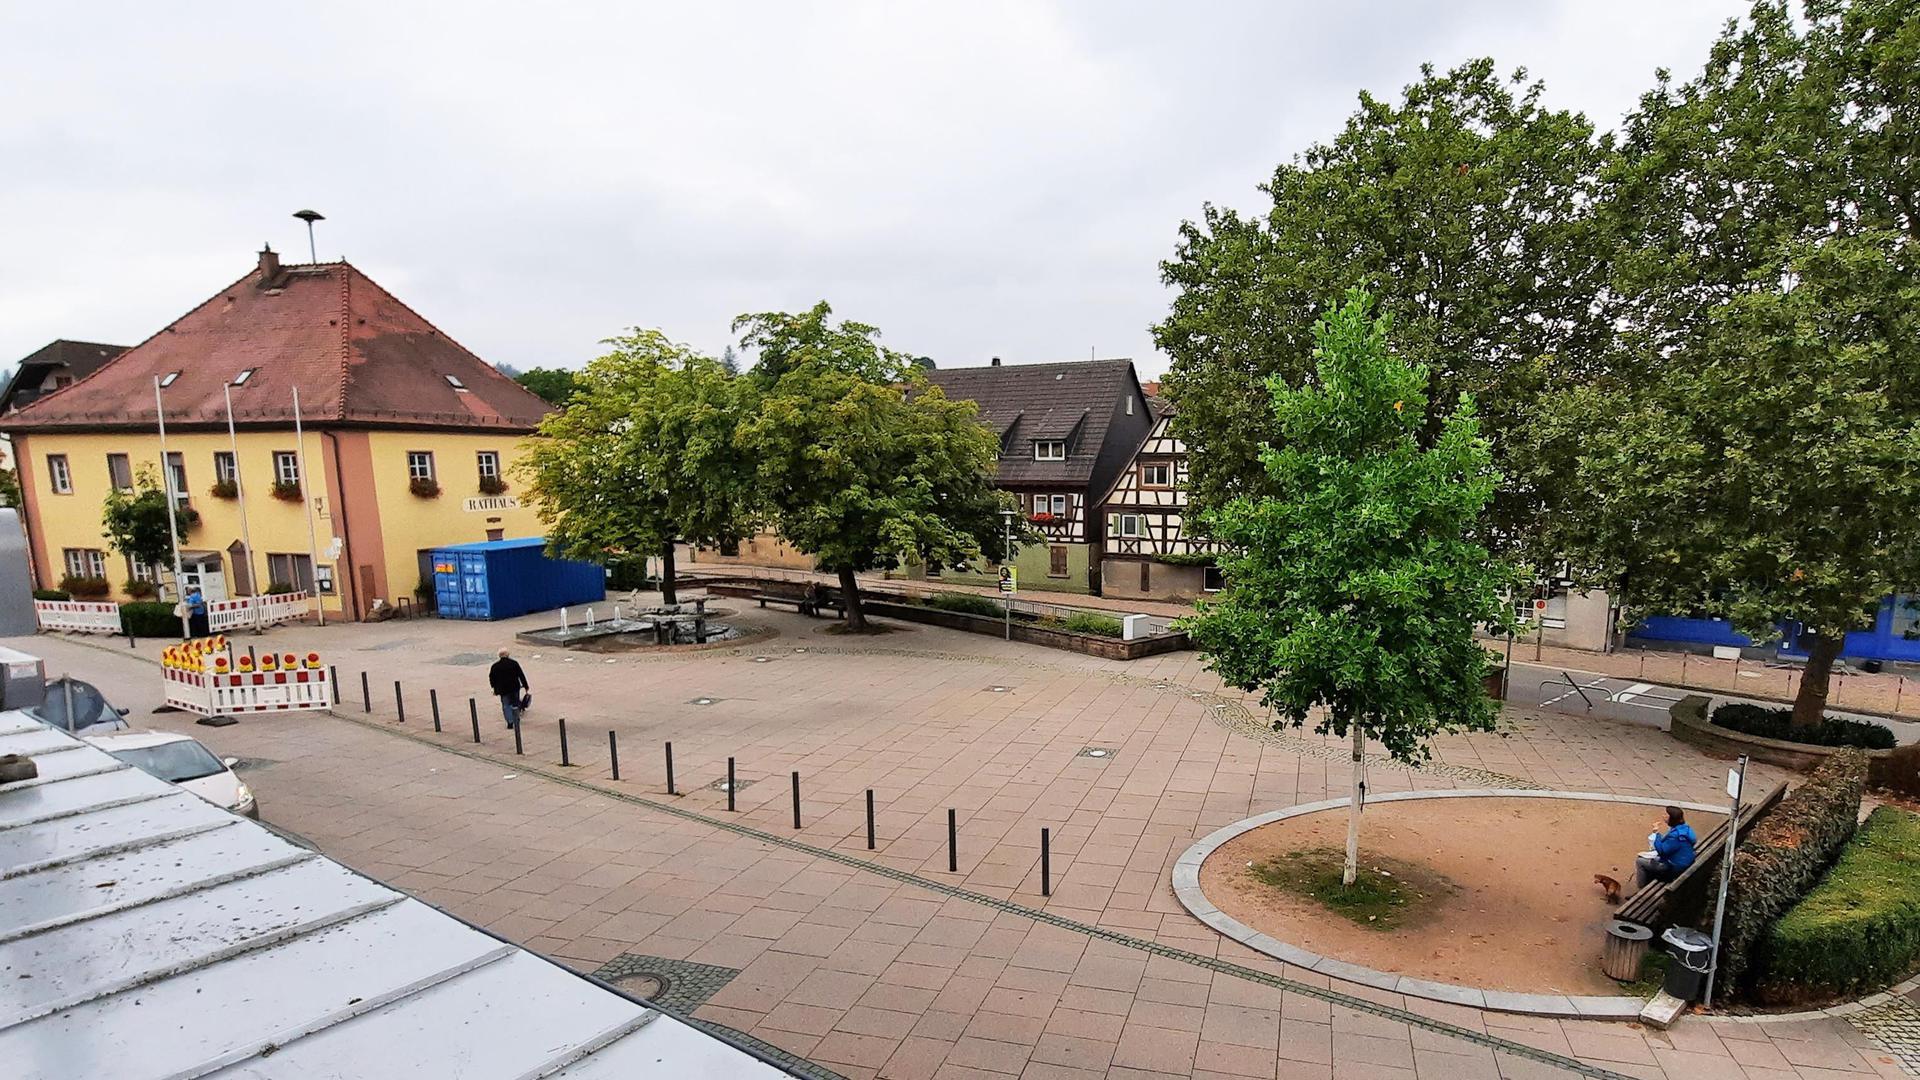 Zentrum der Gemeinde: Langensteinbach ist heute der größte Ortsteil von Karlsbad. Im dortigen Rathaus ist auch die Gemeindeverwaltung untergebracht.